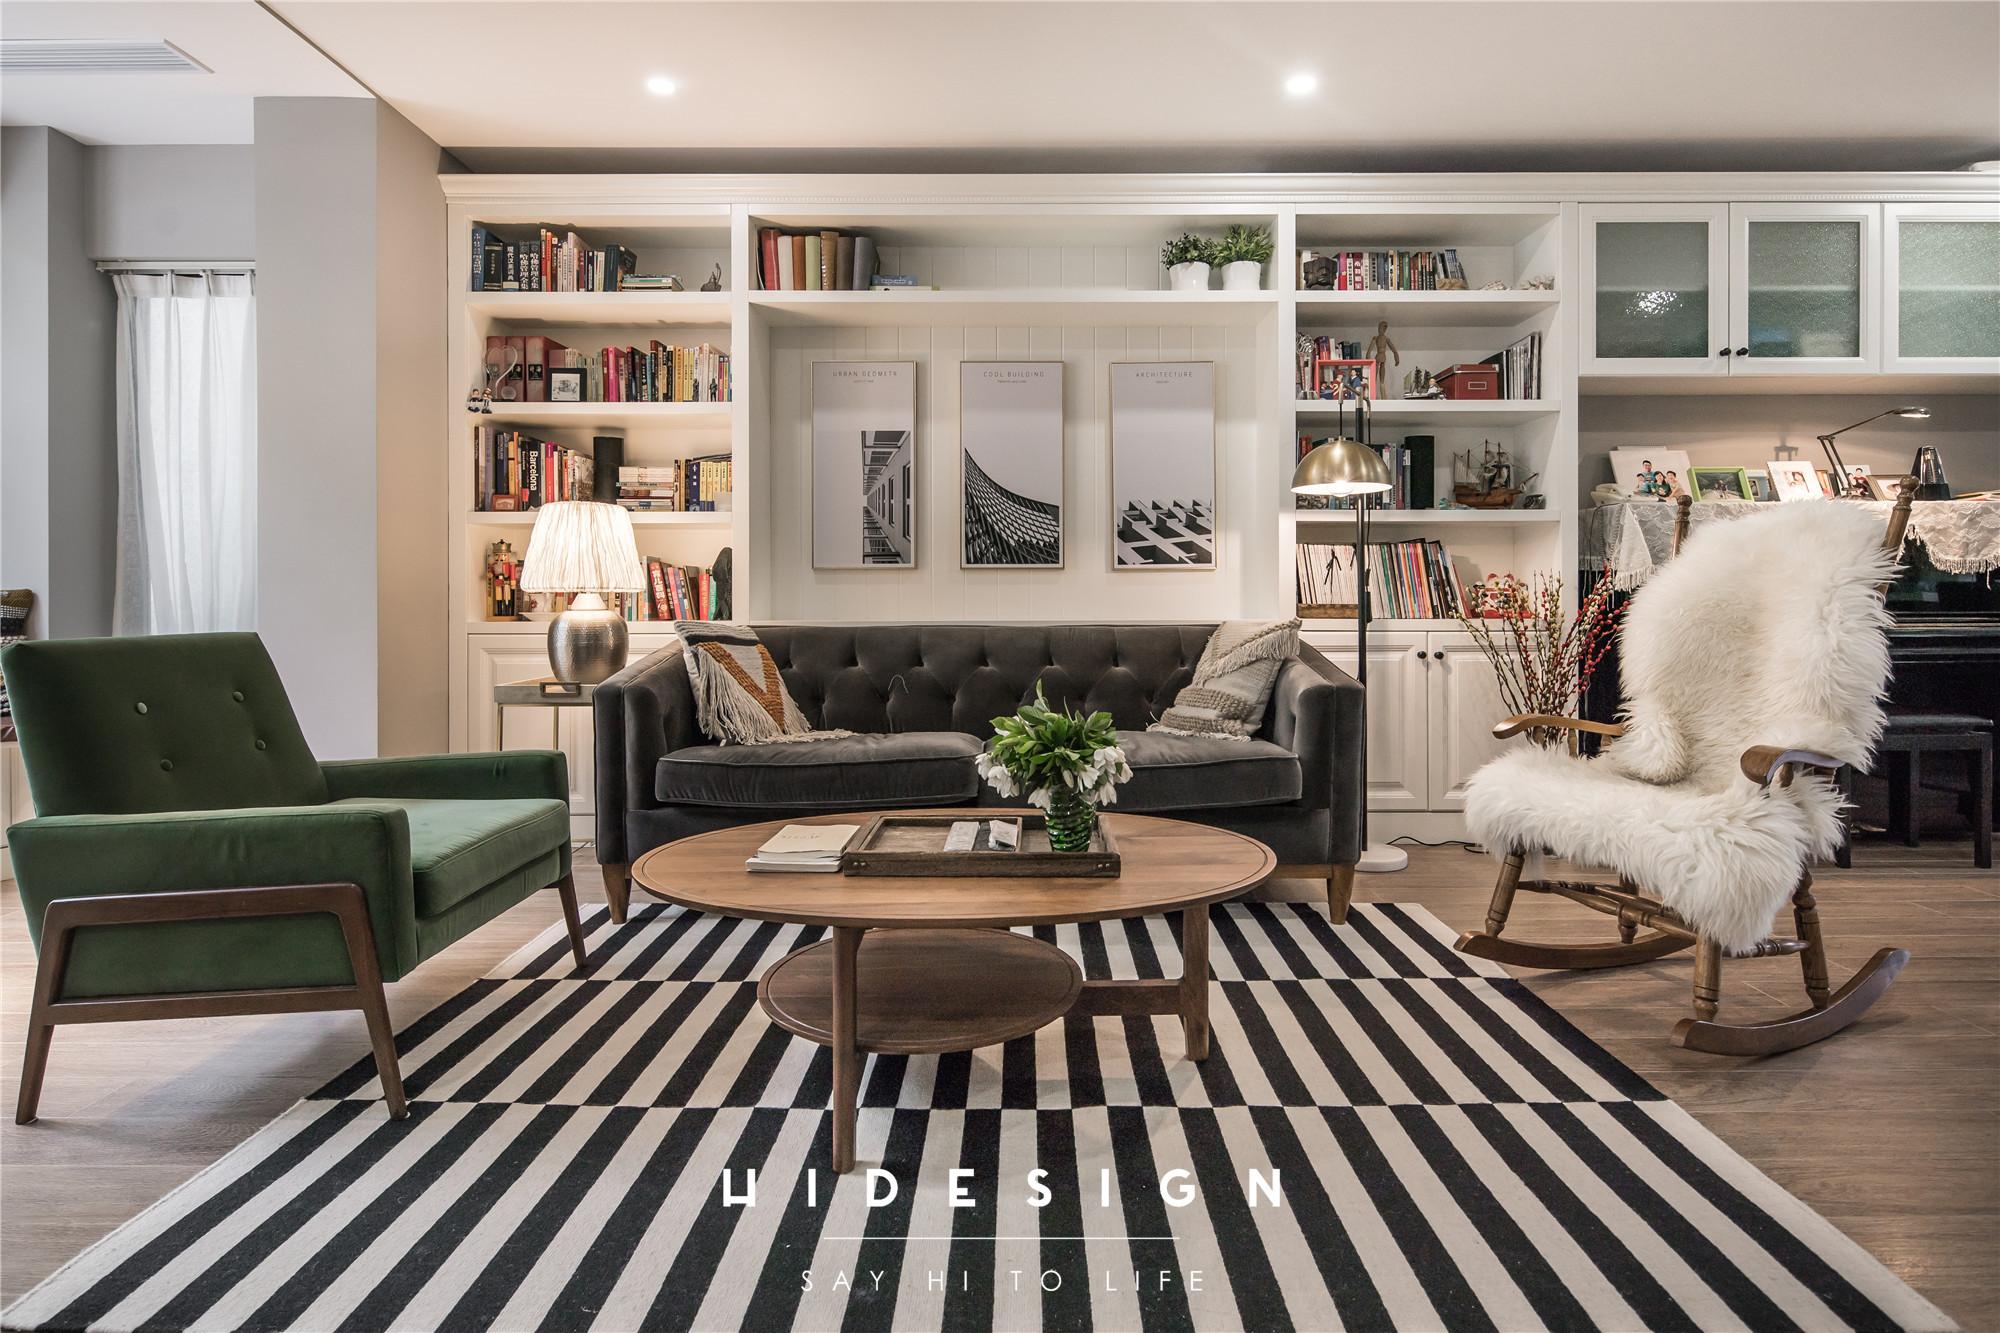 混搭风格别墅客厅沙发墙装修效果图